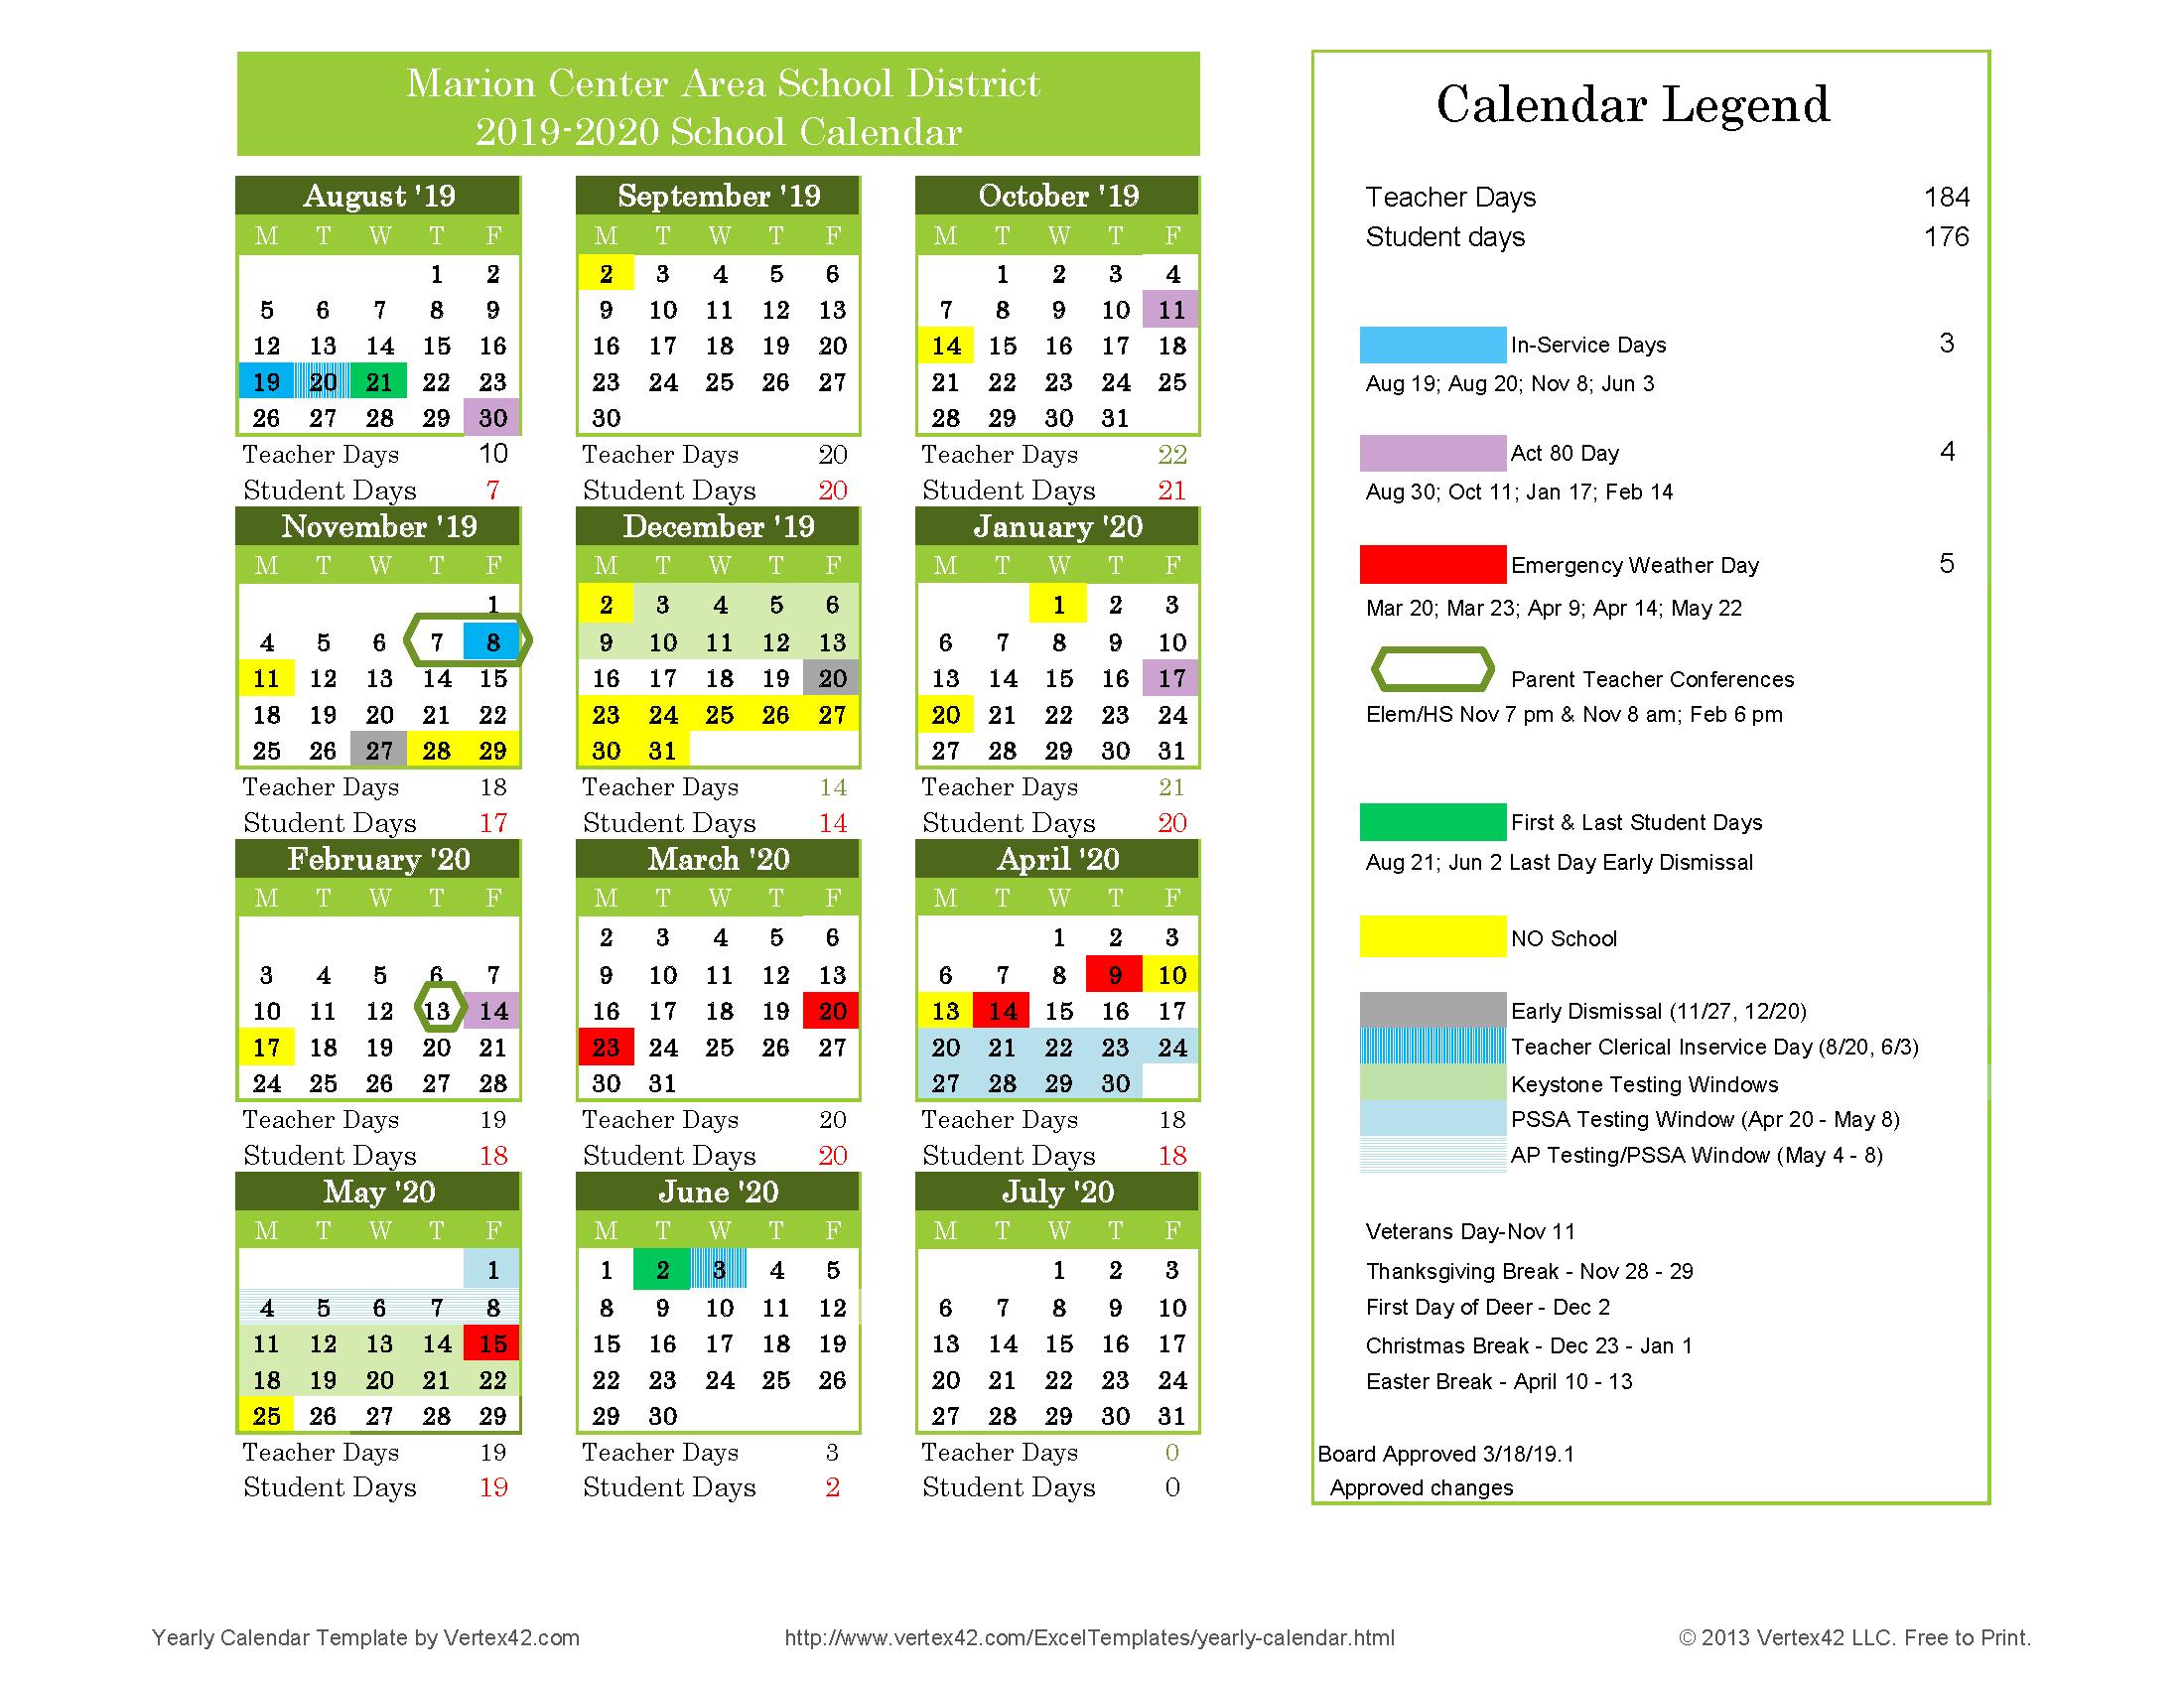 Windows Calendar 2020 2019 2020 School Calendar – About Us – Marion Center Area School